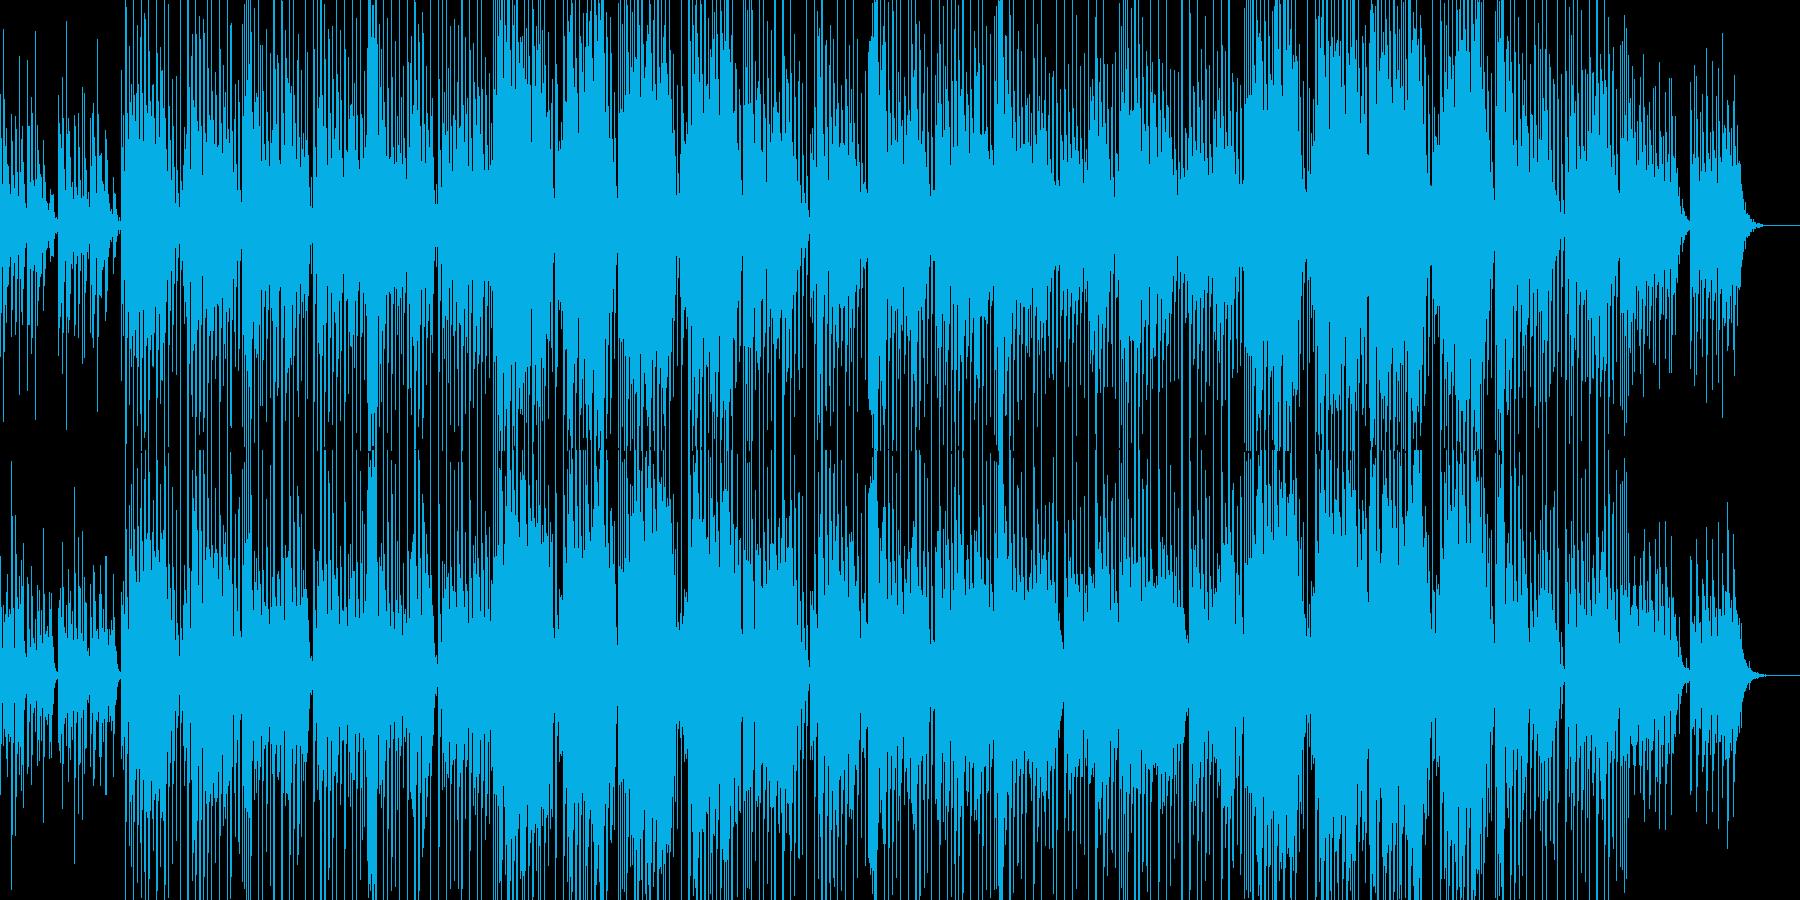 爽やかでカワイイ感じのほのぼのしたBGMの再生済みの波形